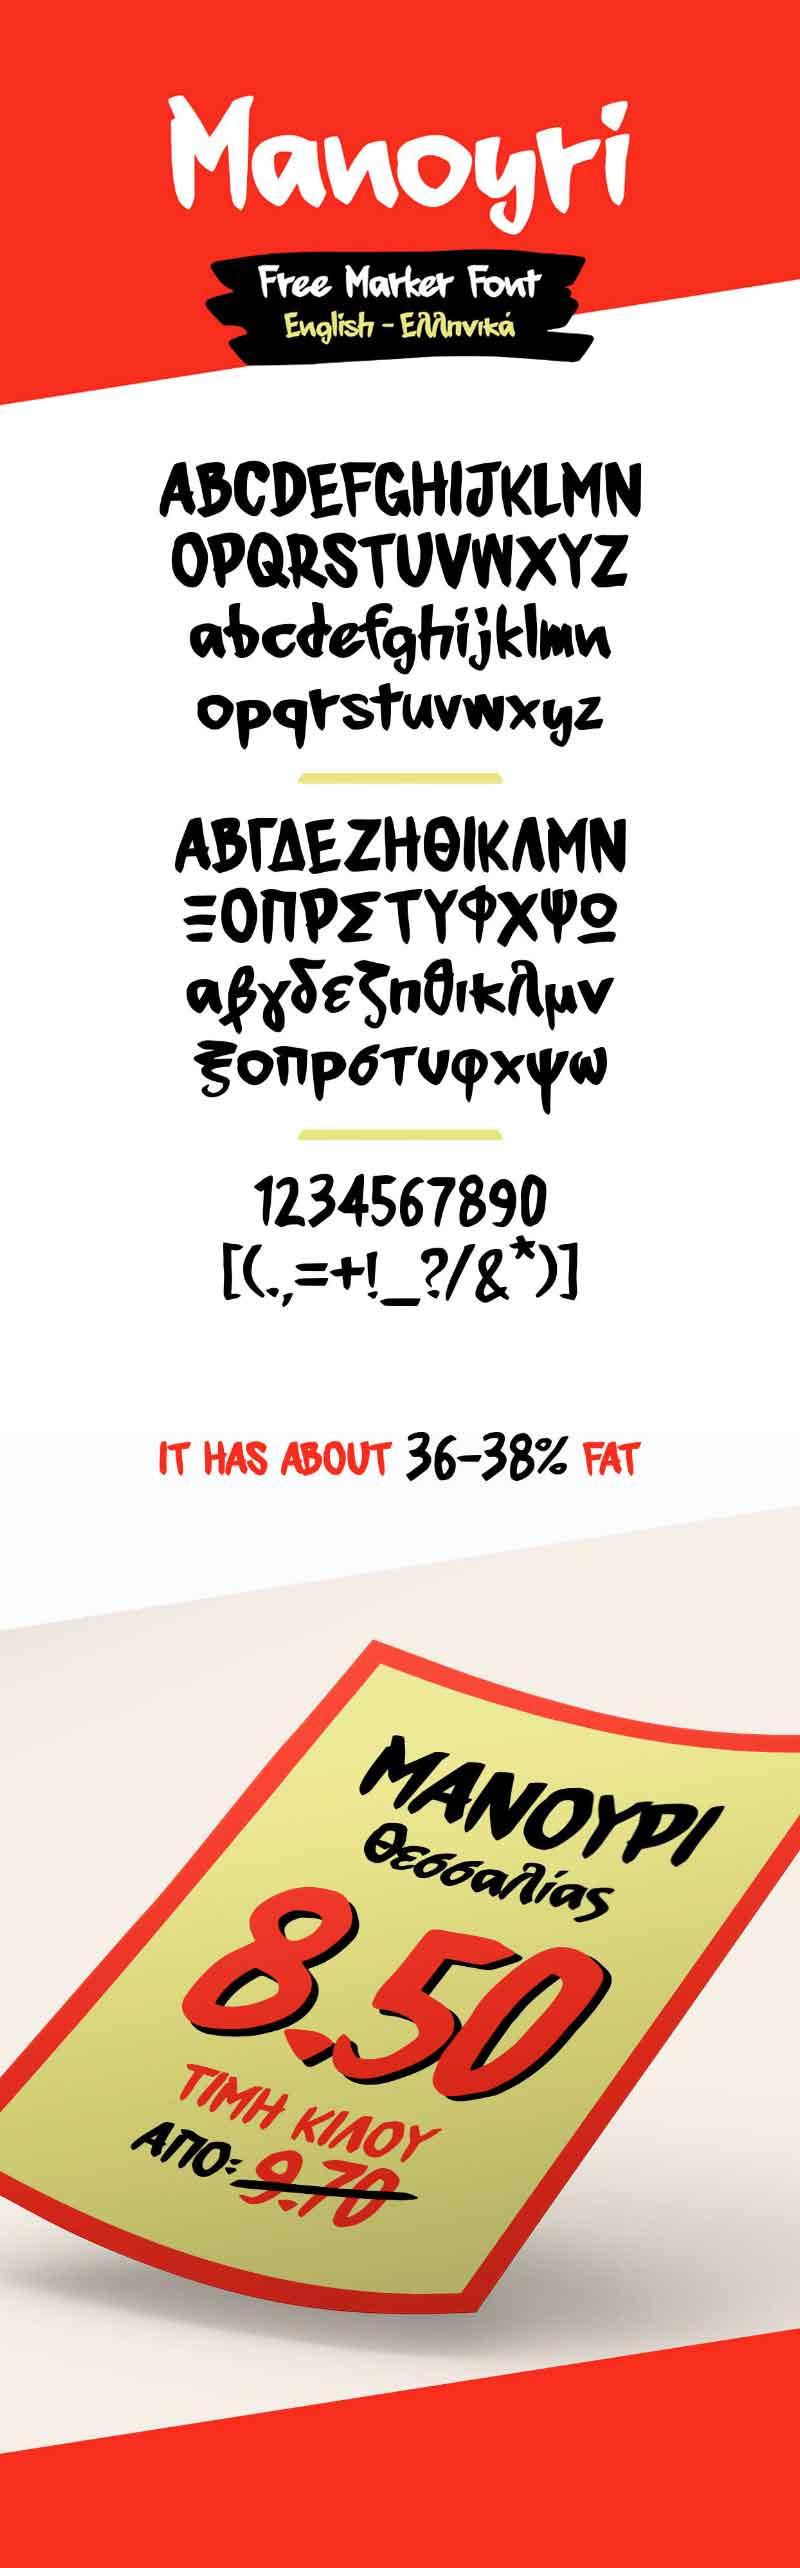 Manoyri-Free-Marker-Typeface